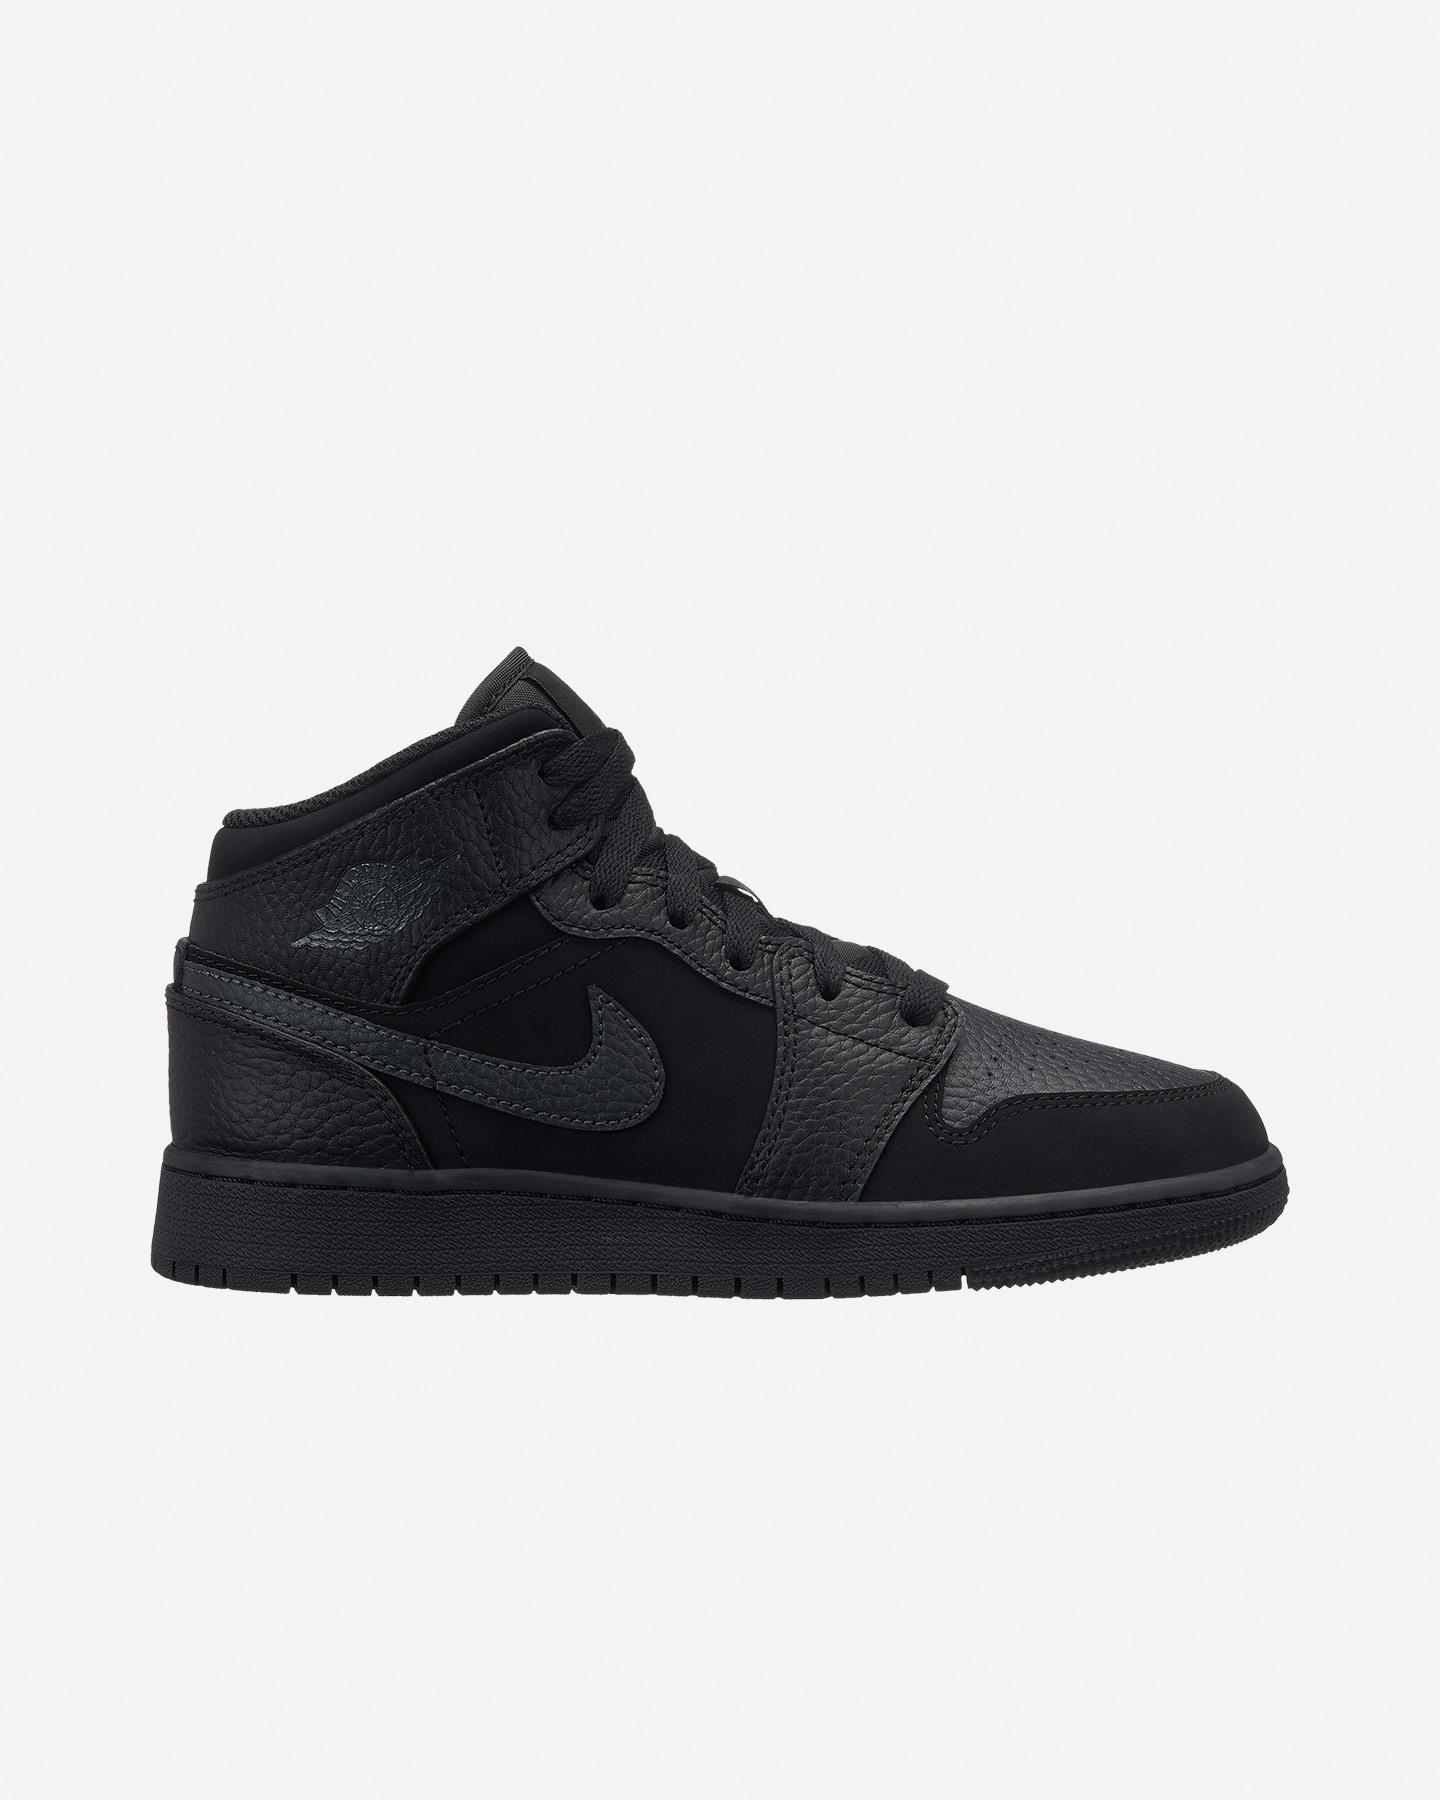 half off dcdee 21115 Scarpe sneakers NIKE AIR JORDAN 1 MID (GS) JR ...